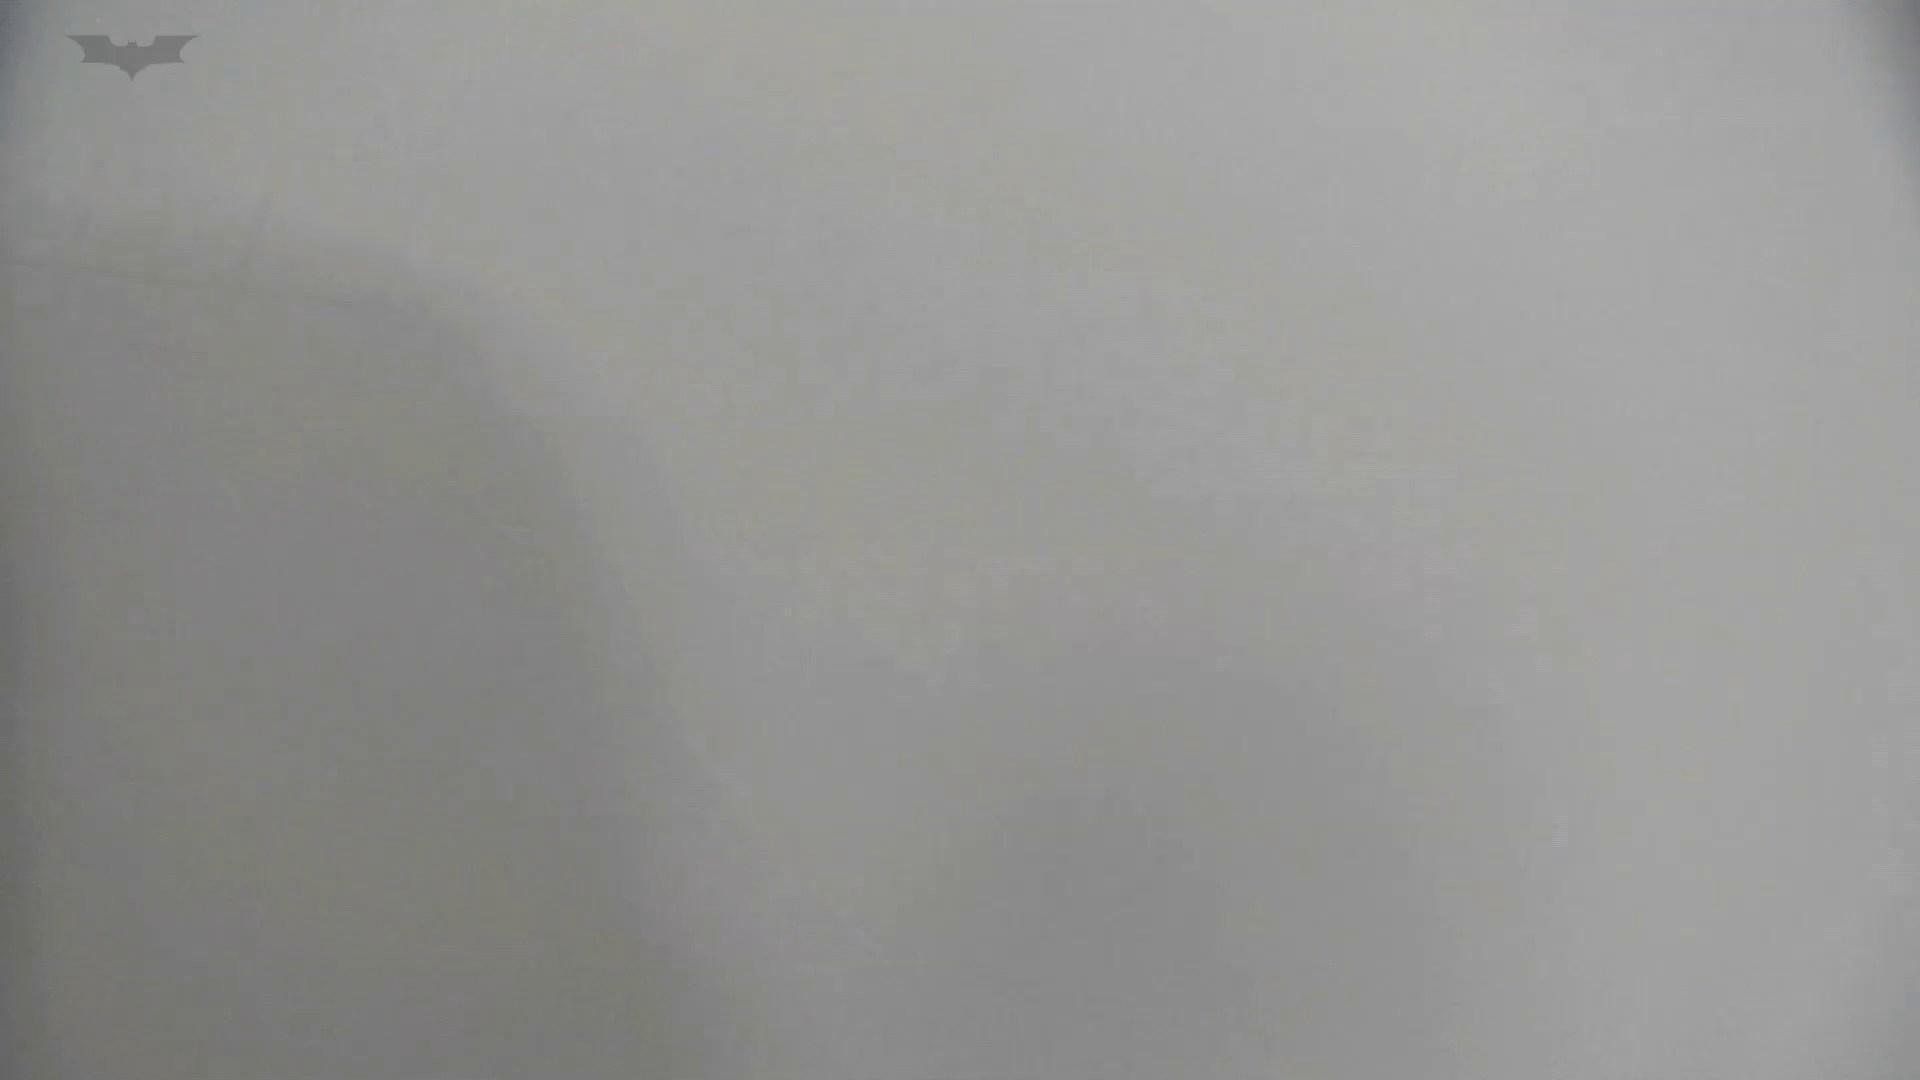 美しい日本の未来 No.29 豹柄サンダルは便秘気味??? おまんこ  109pic 12